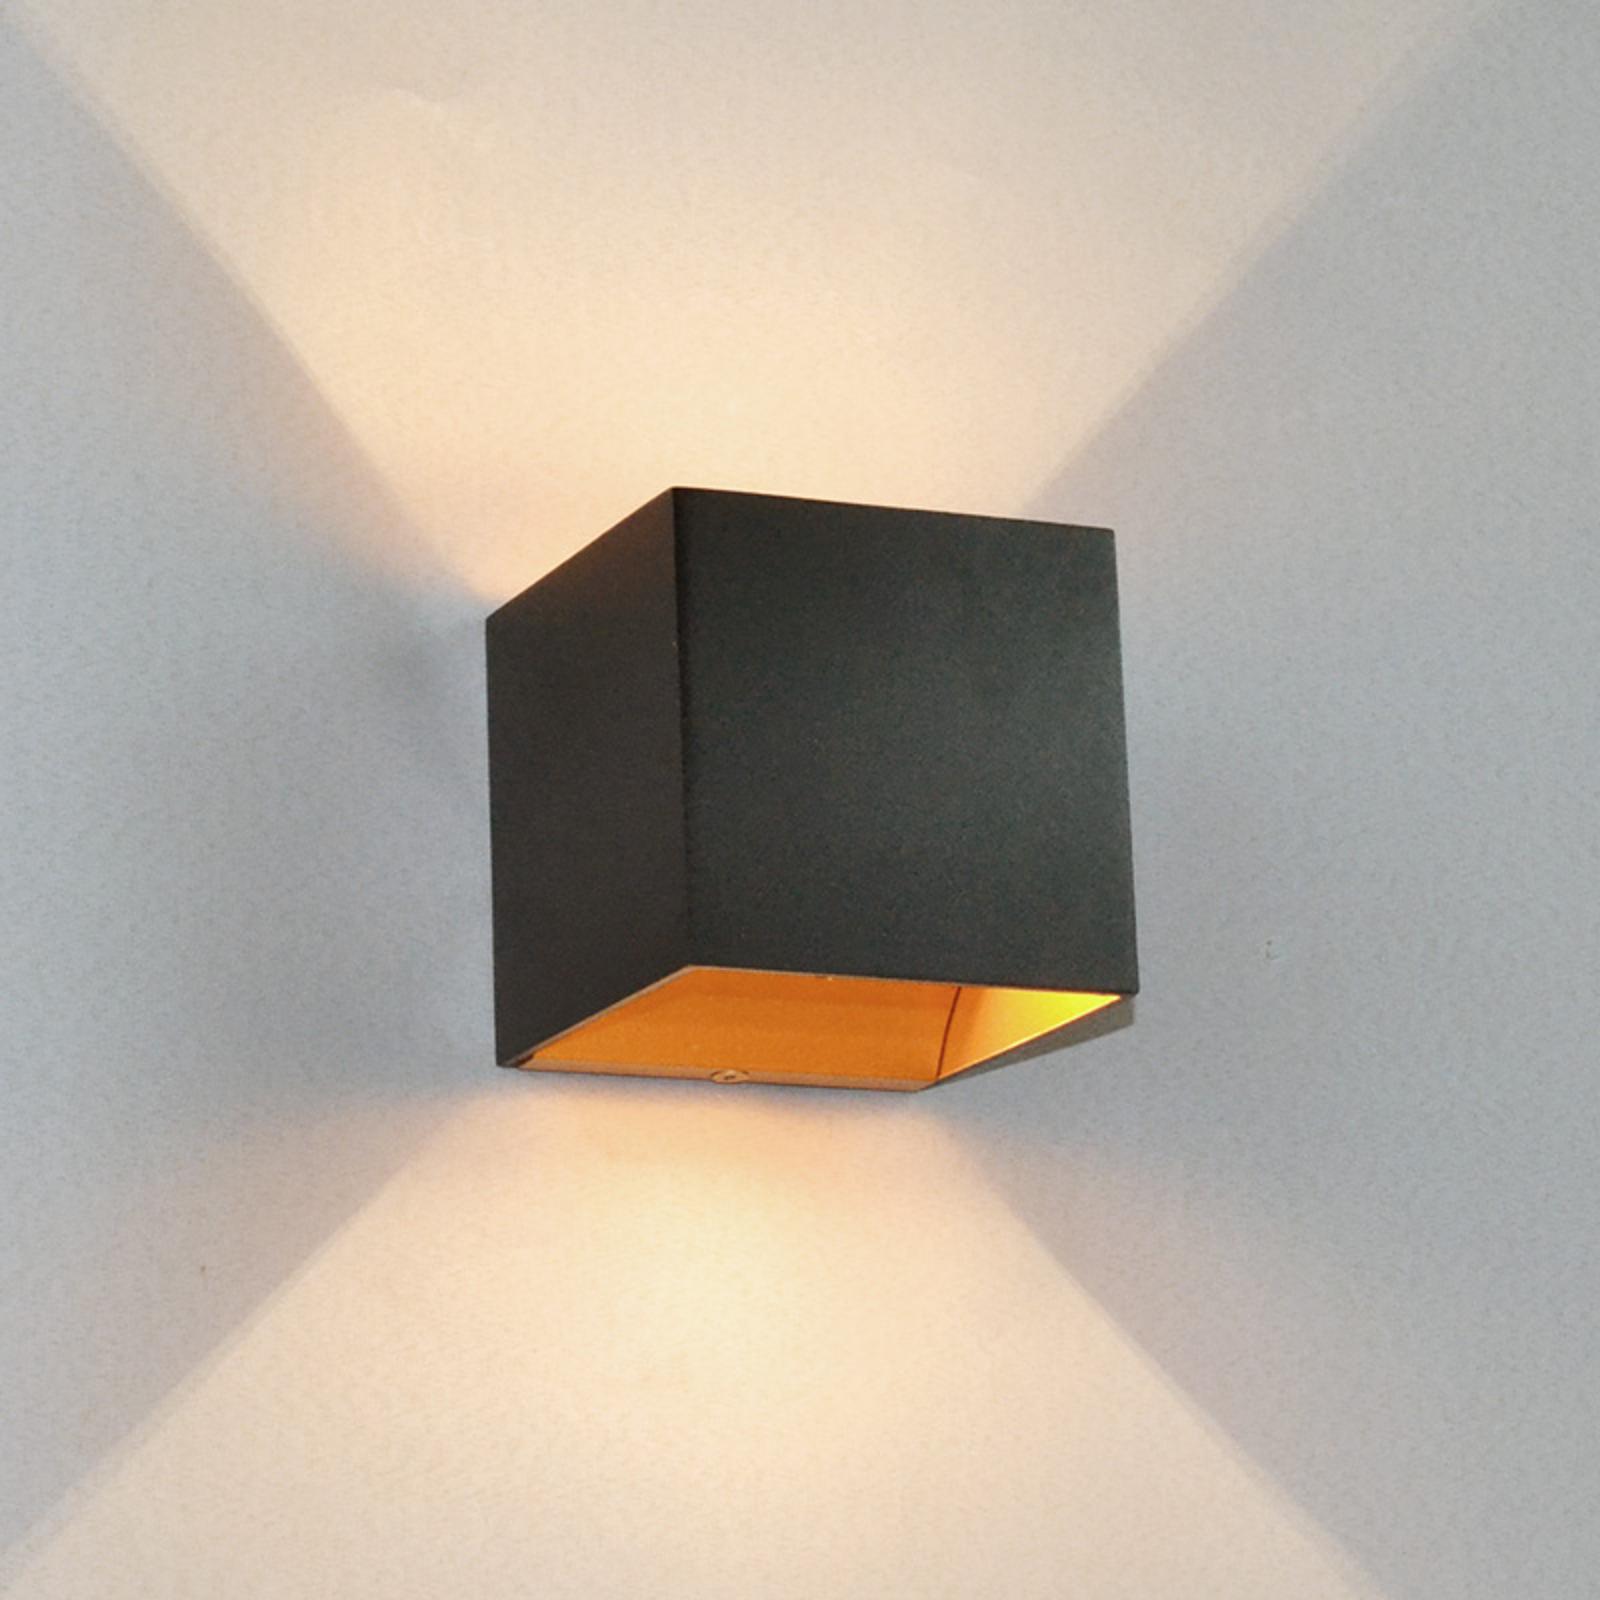 Acquista Aldrina - lampada LED da parete con interno oro